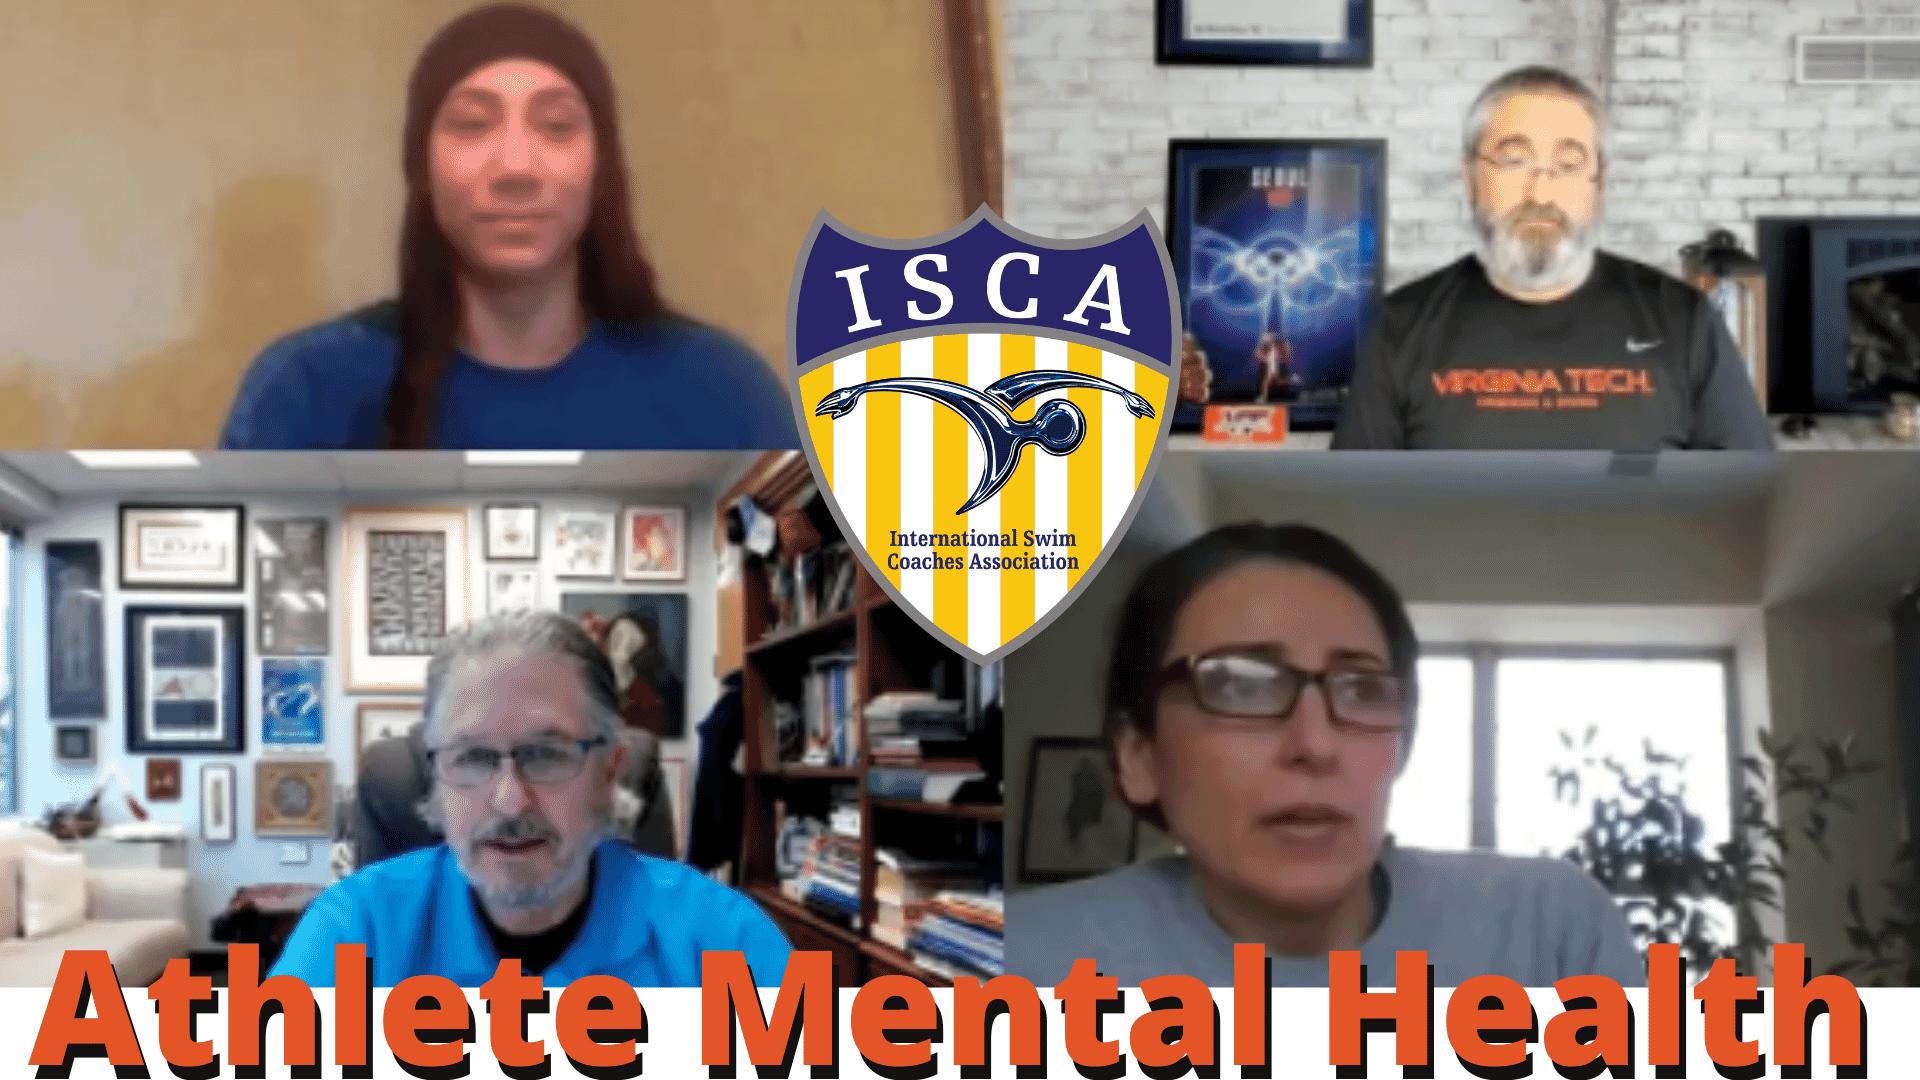 Athlete Mental Health splash screen for webinar